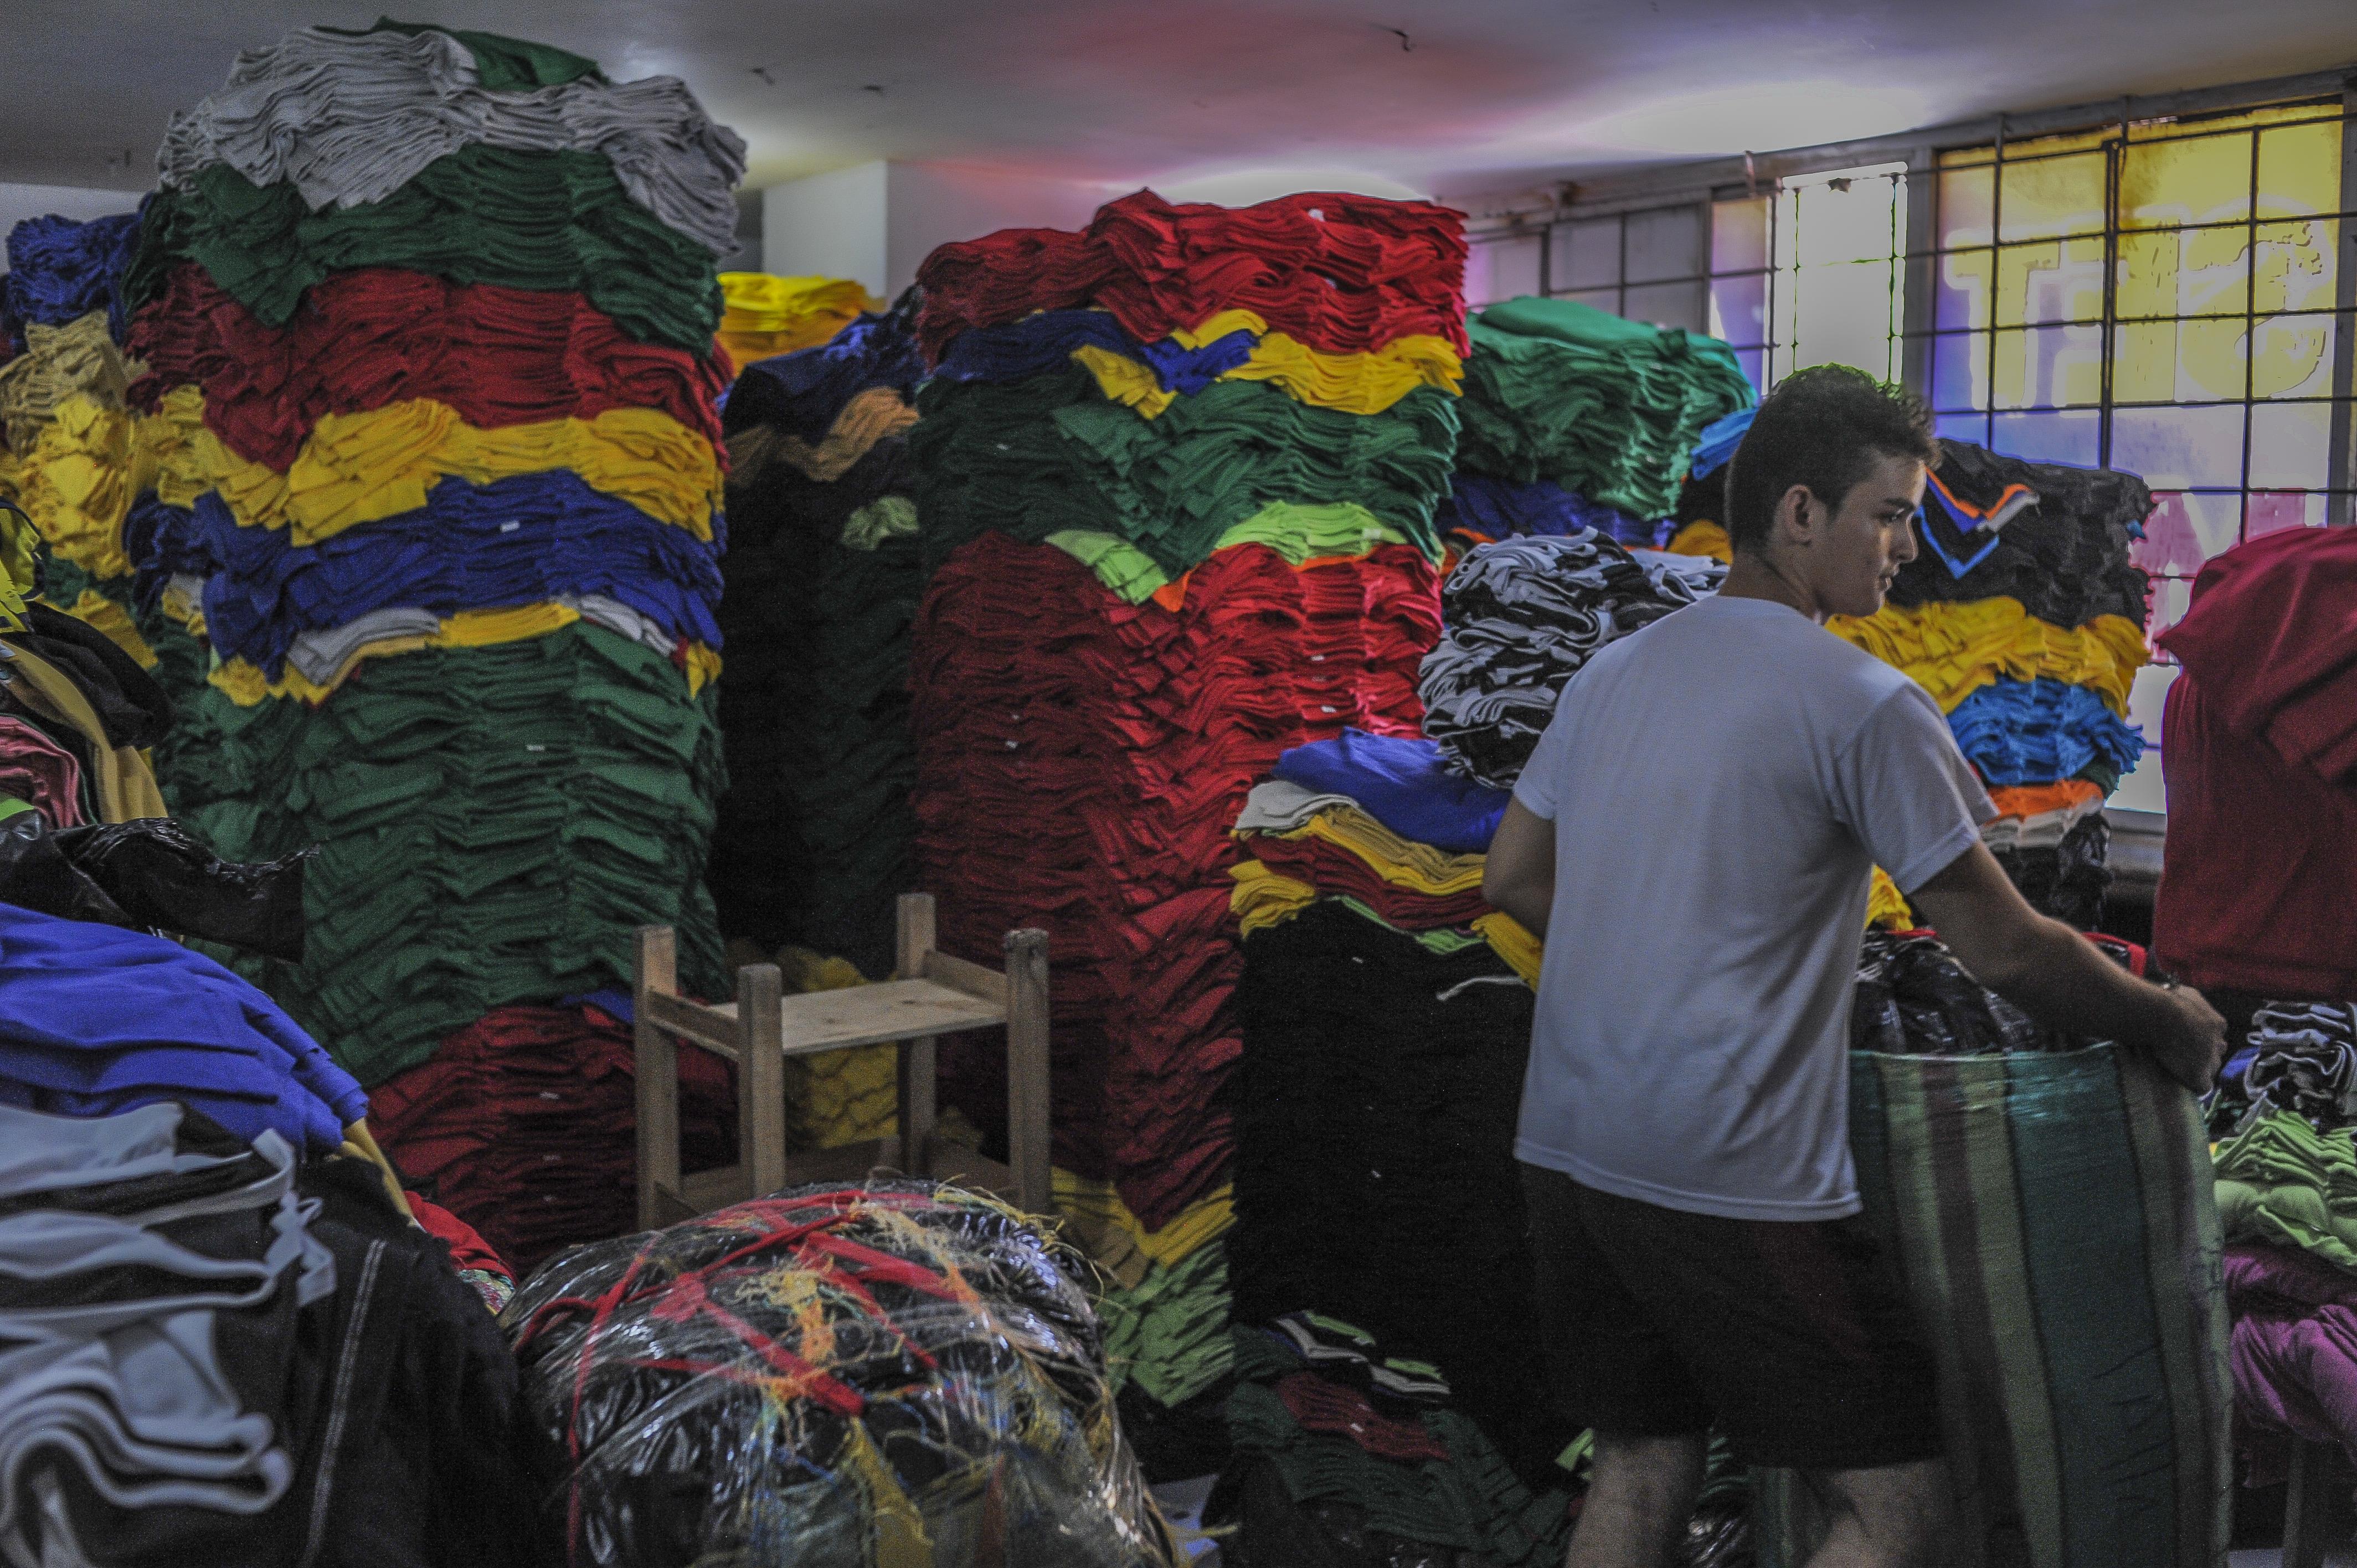 La empresa Camisetas y más camisetas produce cerca de cien franelas al día.